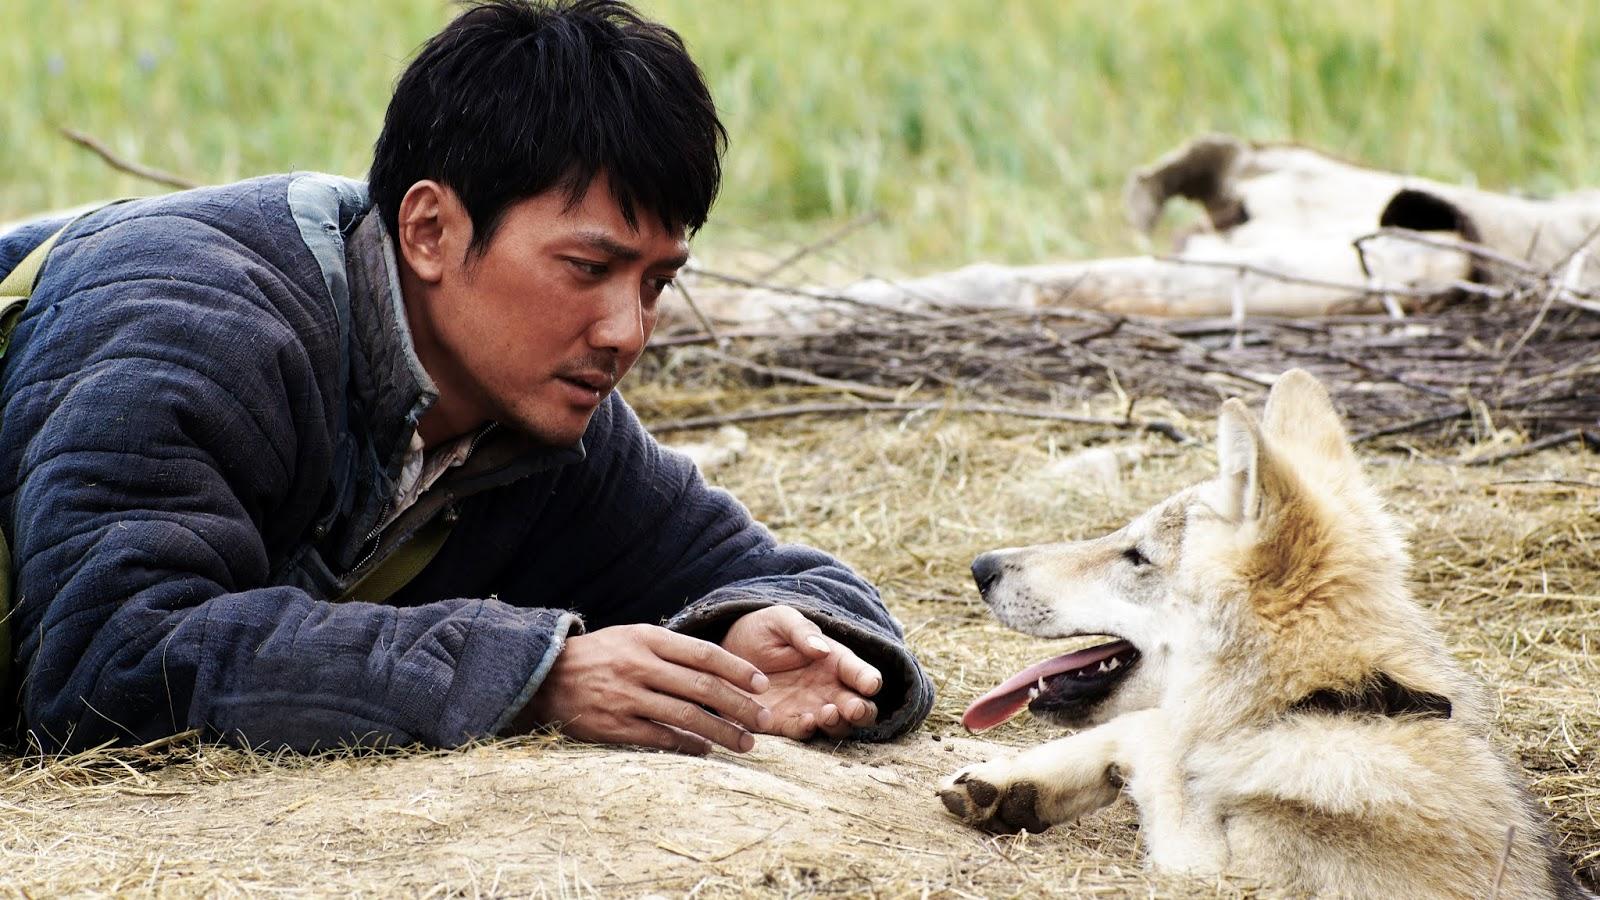 WOLF TOTEM: Tentang Gengis Khan dan Filososfi Berburu Serigala